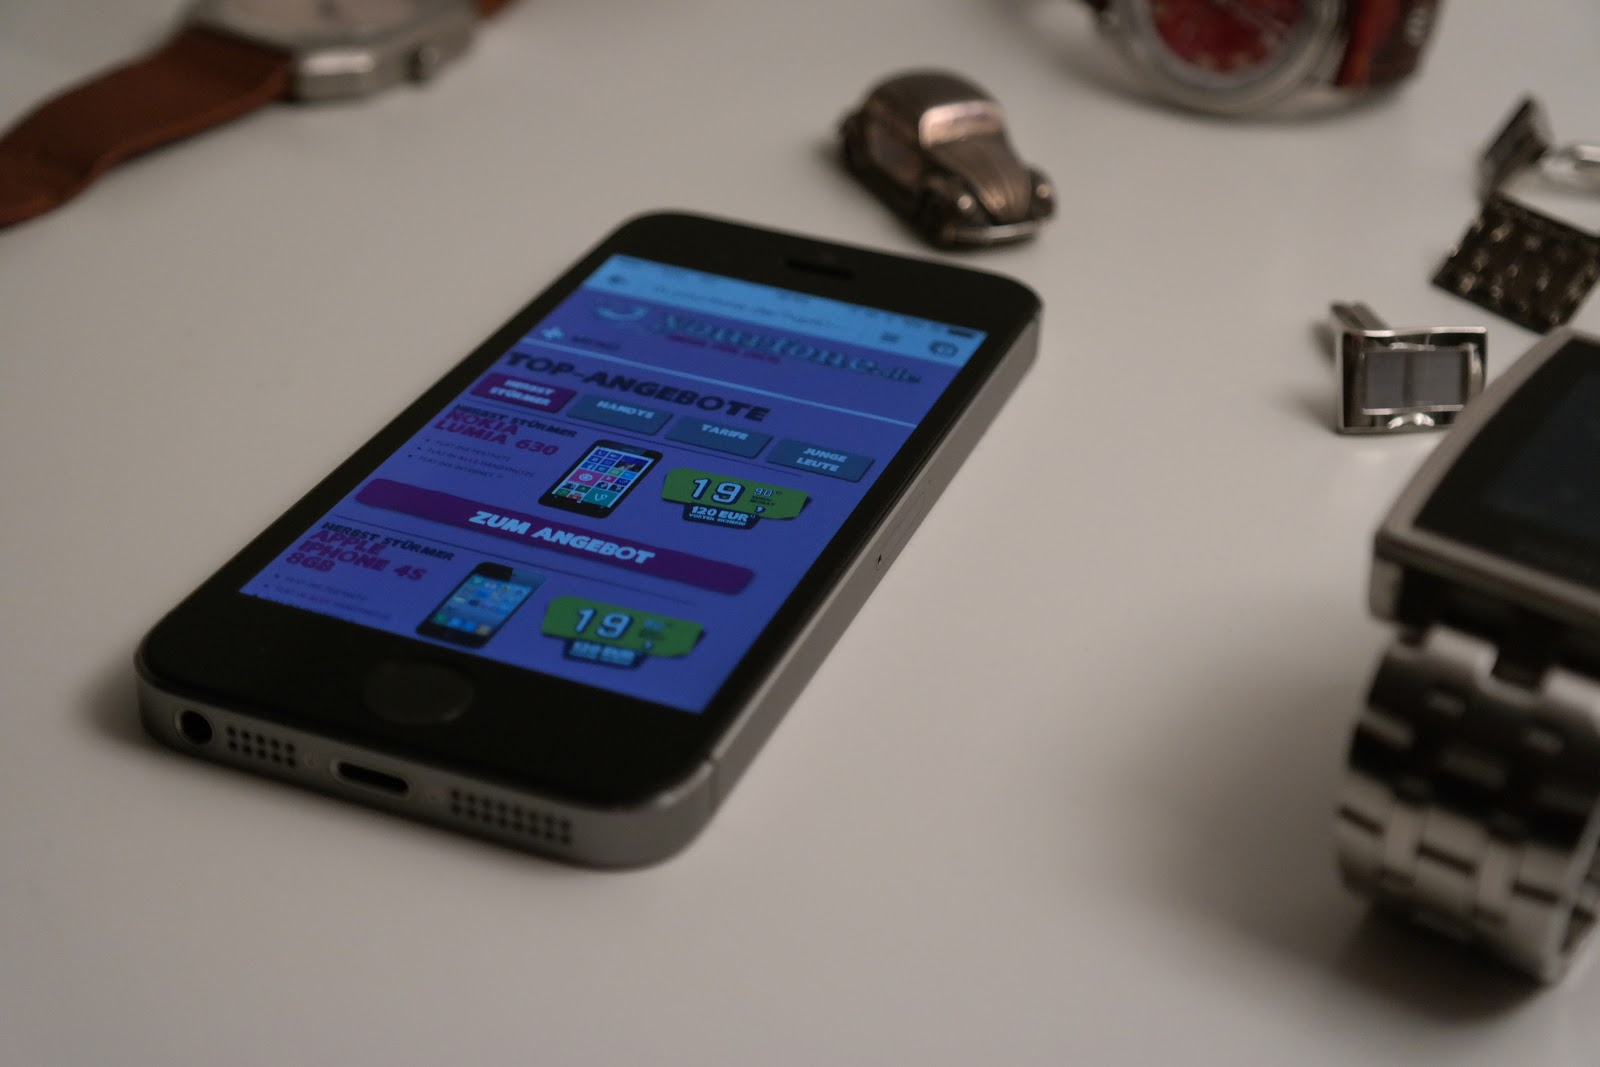 Mehr für Dich - Das iPhone 5s im Vergleich zu meinem Android Phone | yourfone